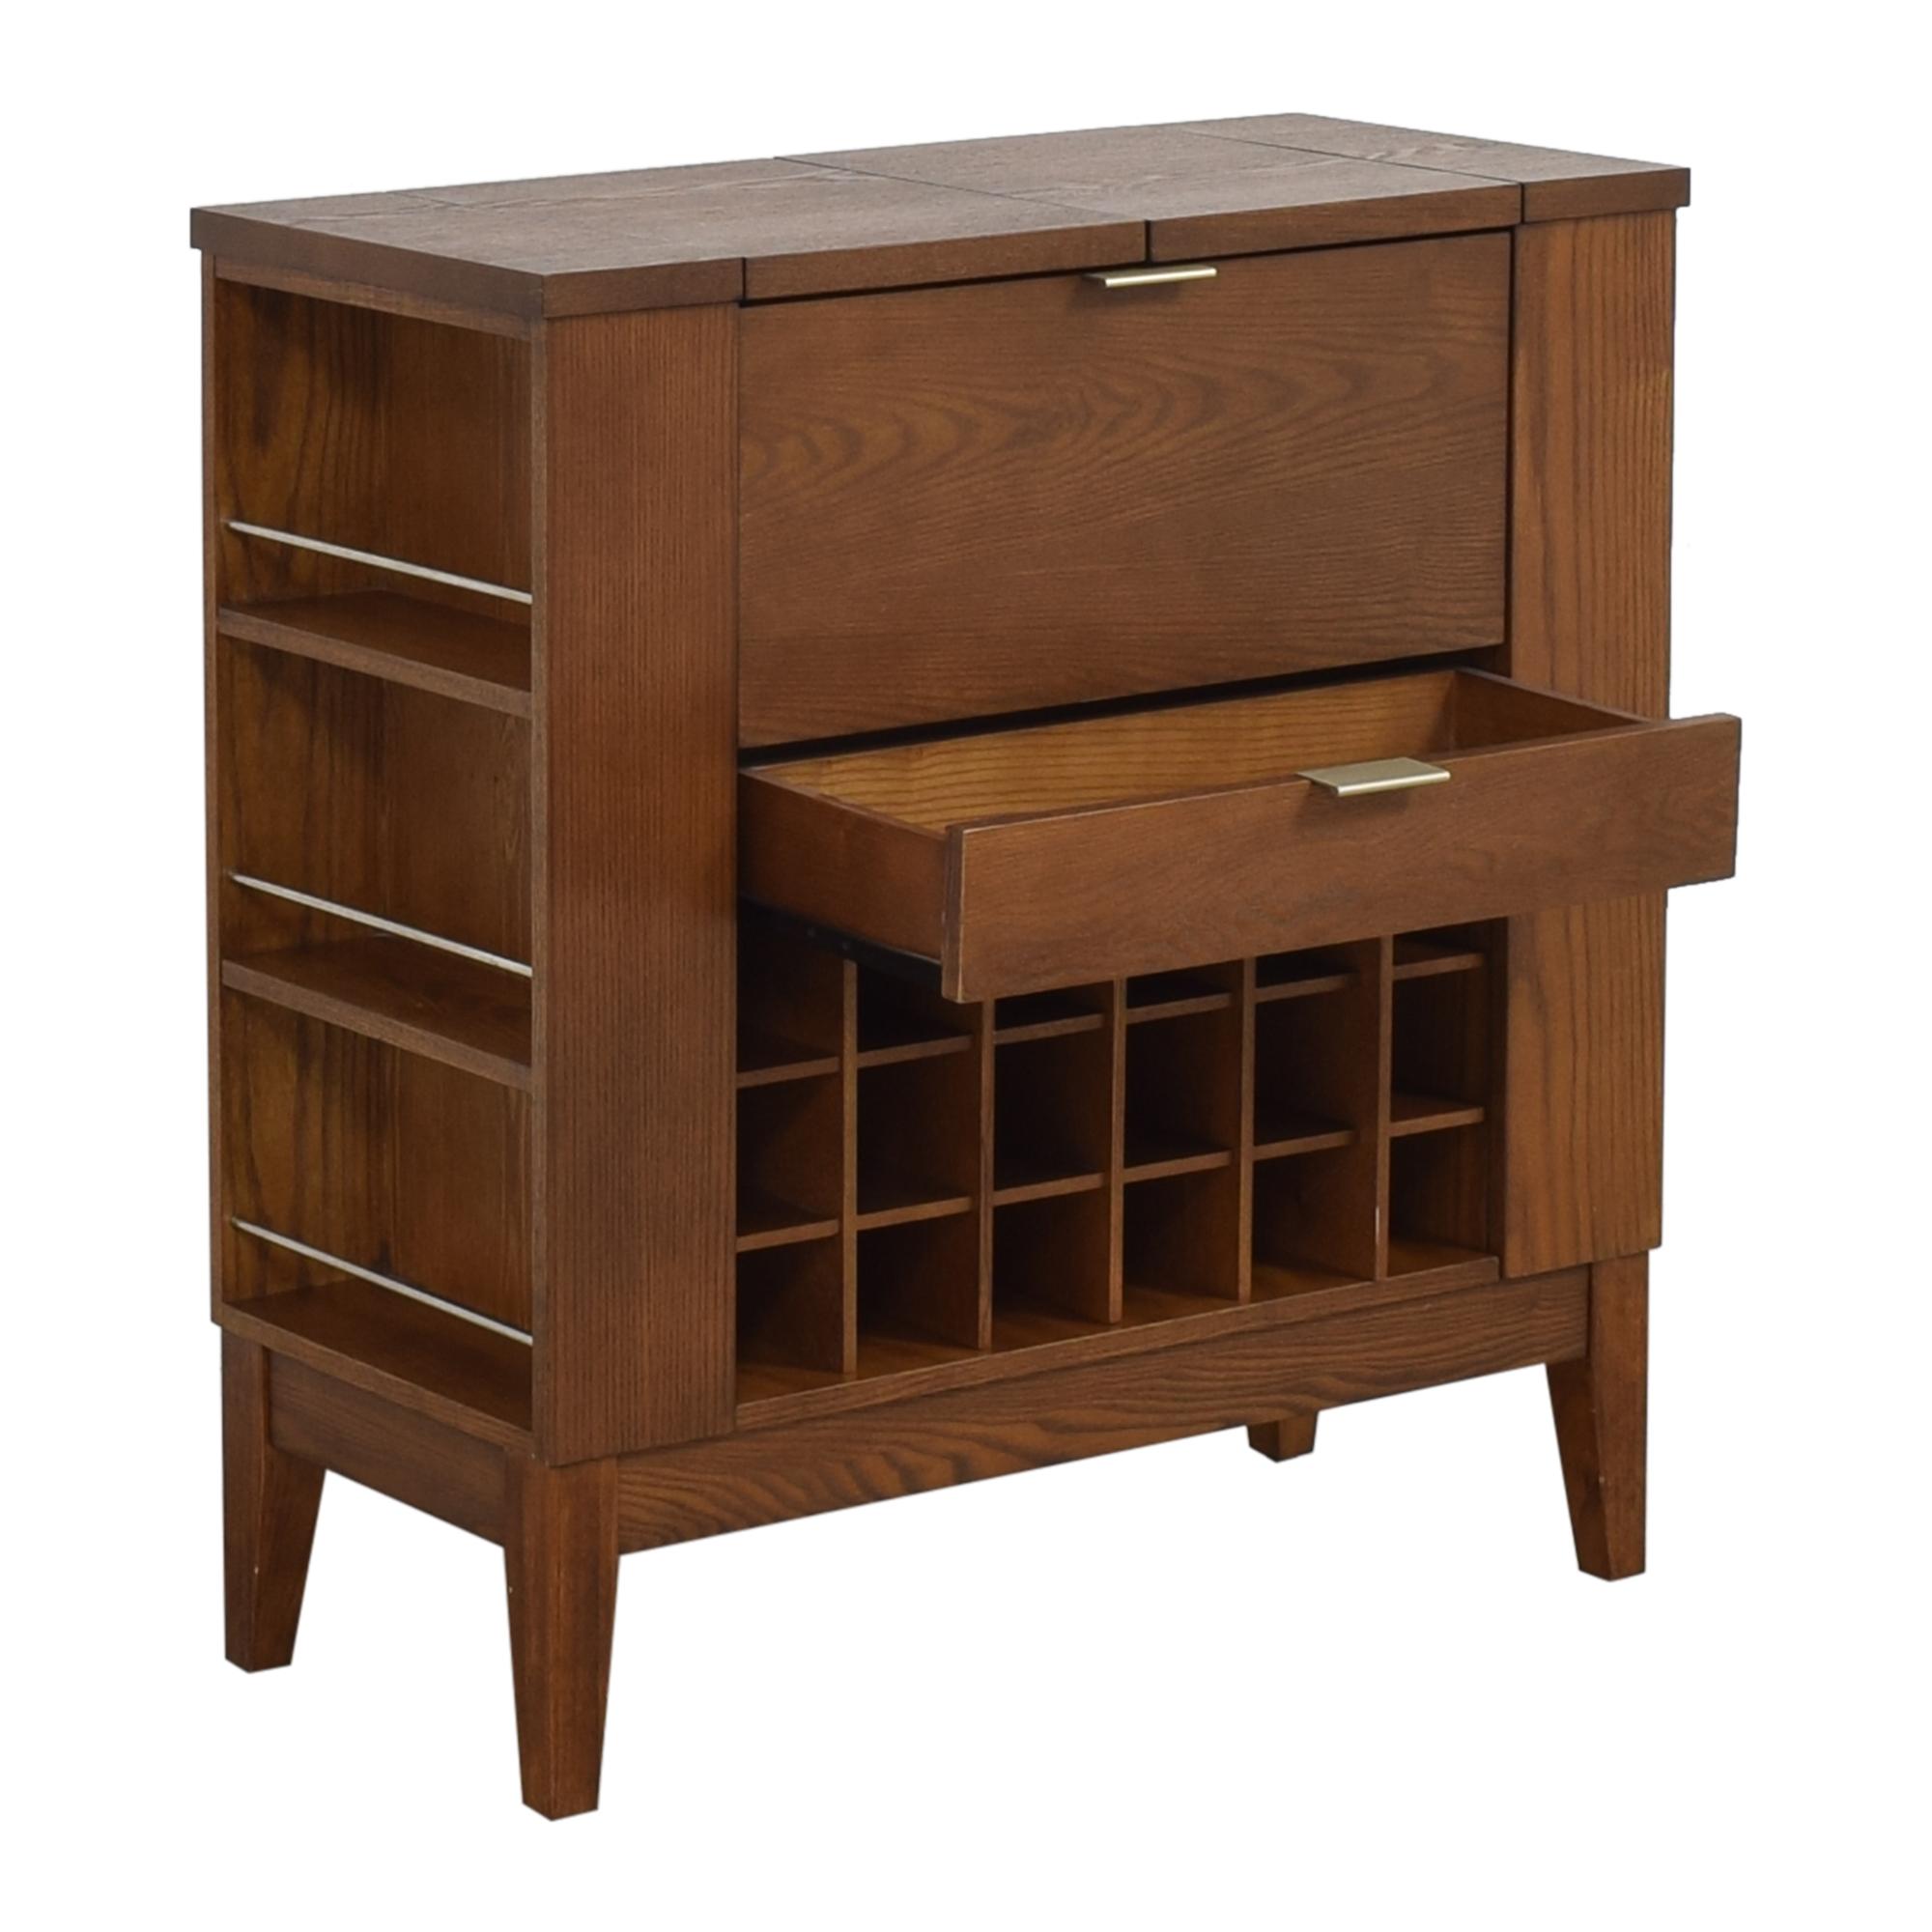 shop Crate & Barrel Parker Spirits Bourbon Cabinet Crate & Barrel Cabinets & Sideboards